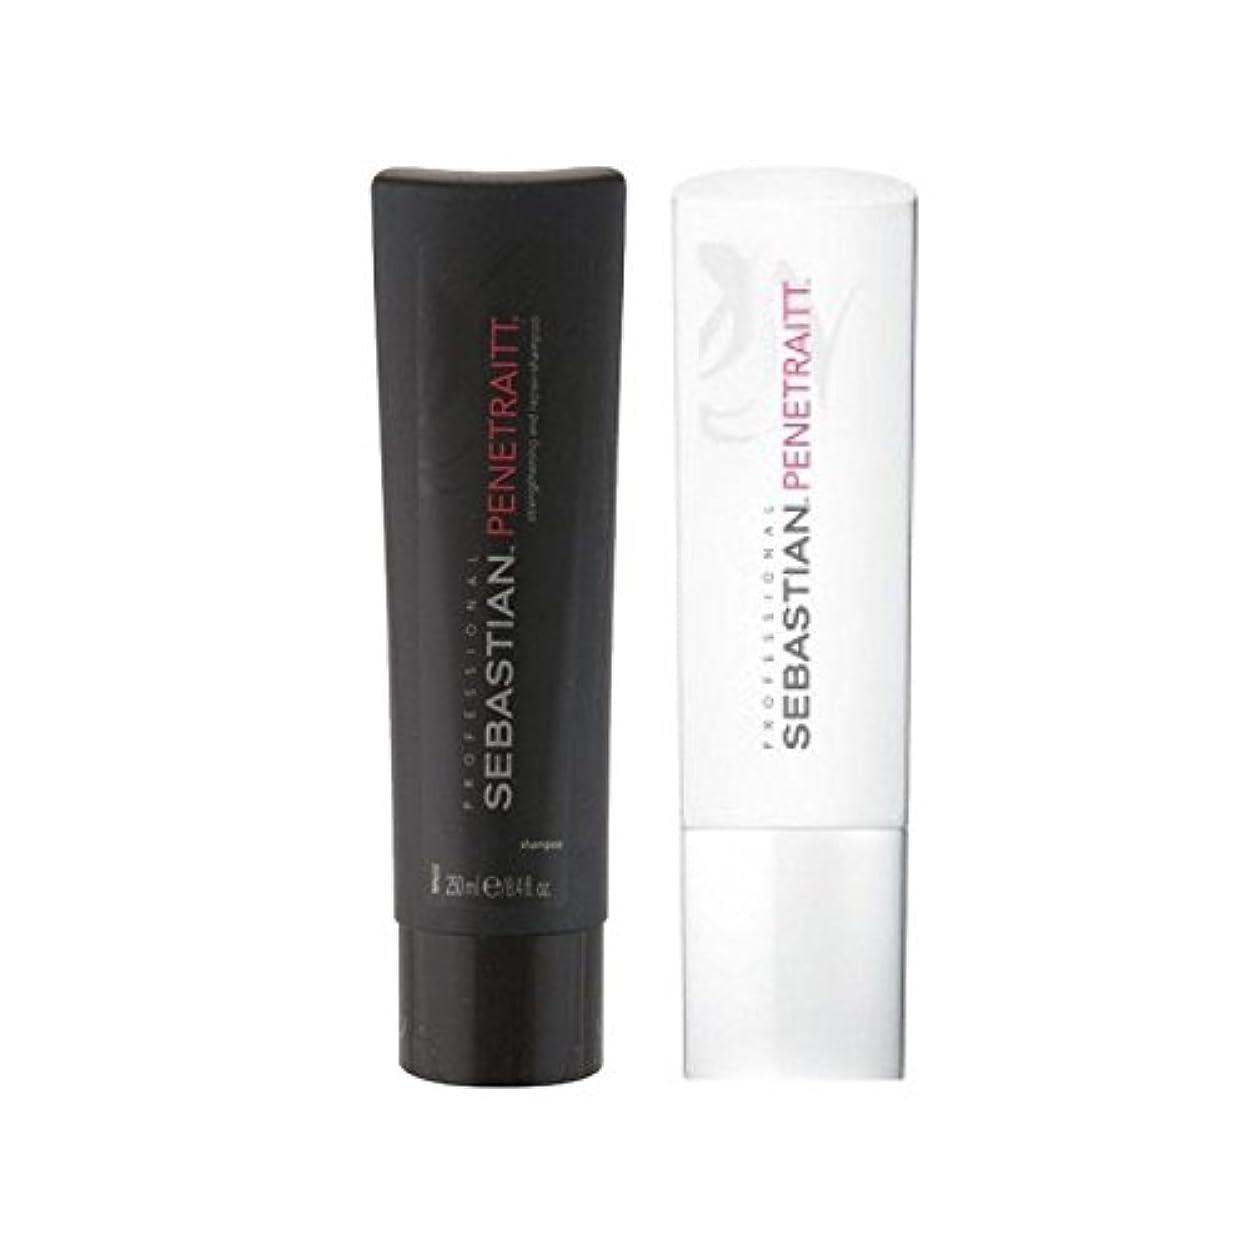 啓示悲劇陸軍セバスチャンプロデュオ - シャンプー&コンディショナー x2 - Sebastian Professional Penetraitt Duo - Shampoo & Conditioner (Pack of 2) [並行輸入品]